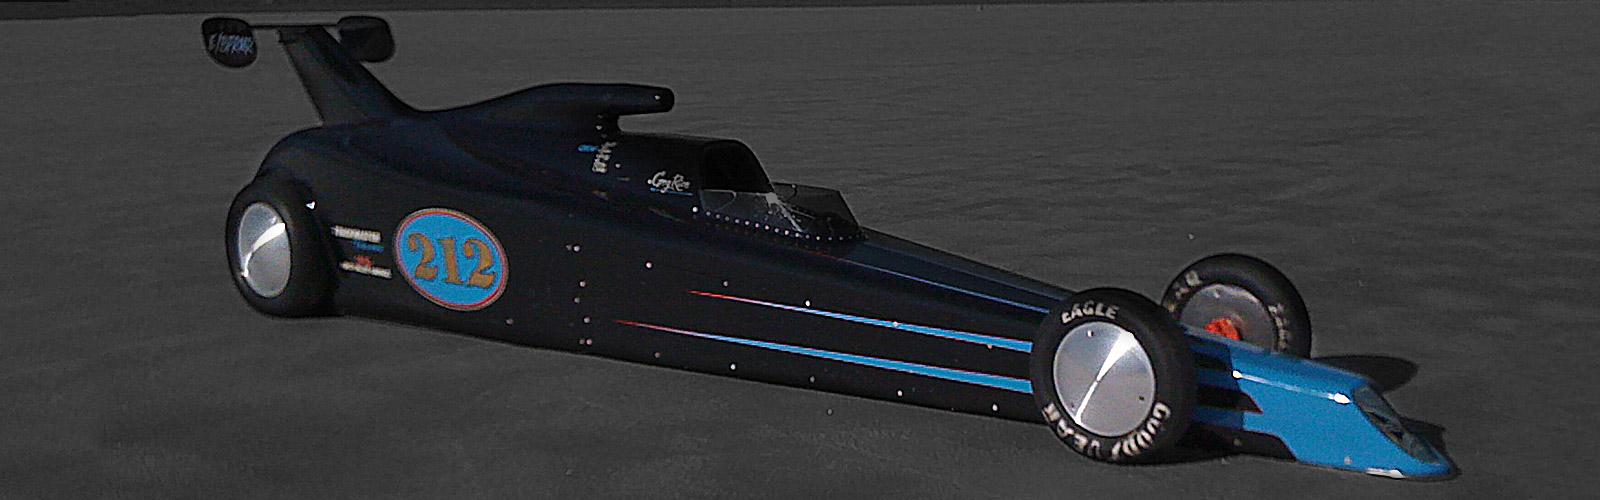 Bonneville Salt Flats Racer